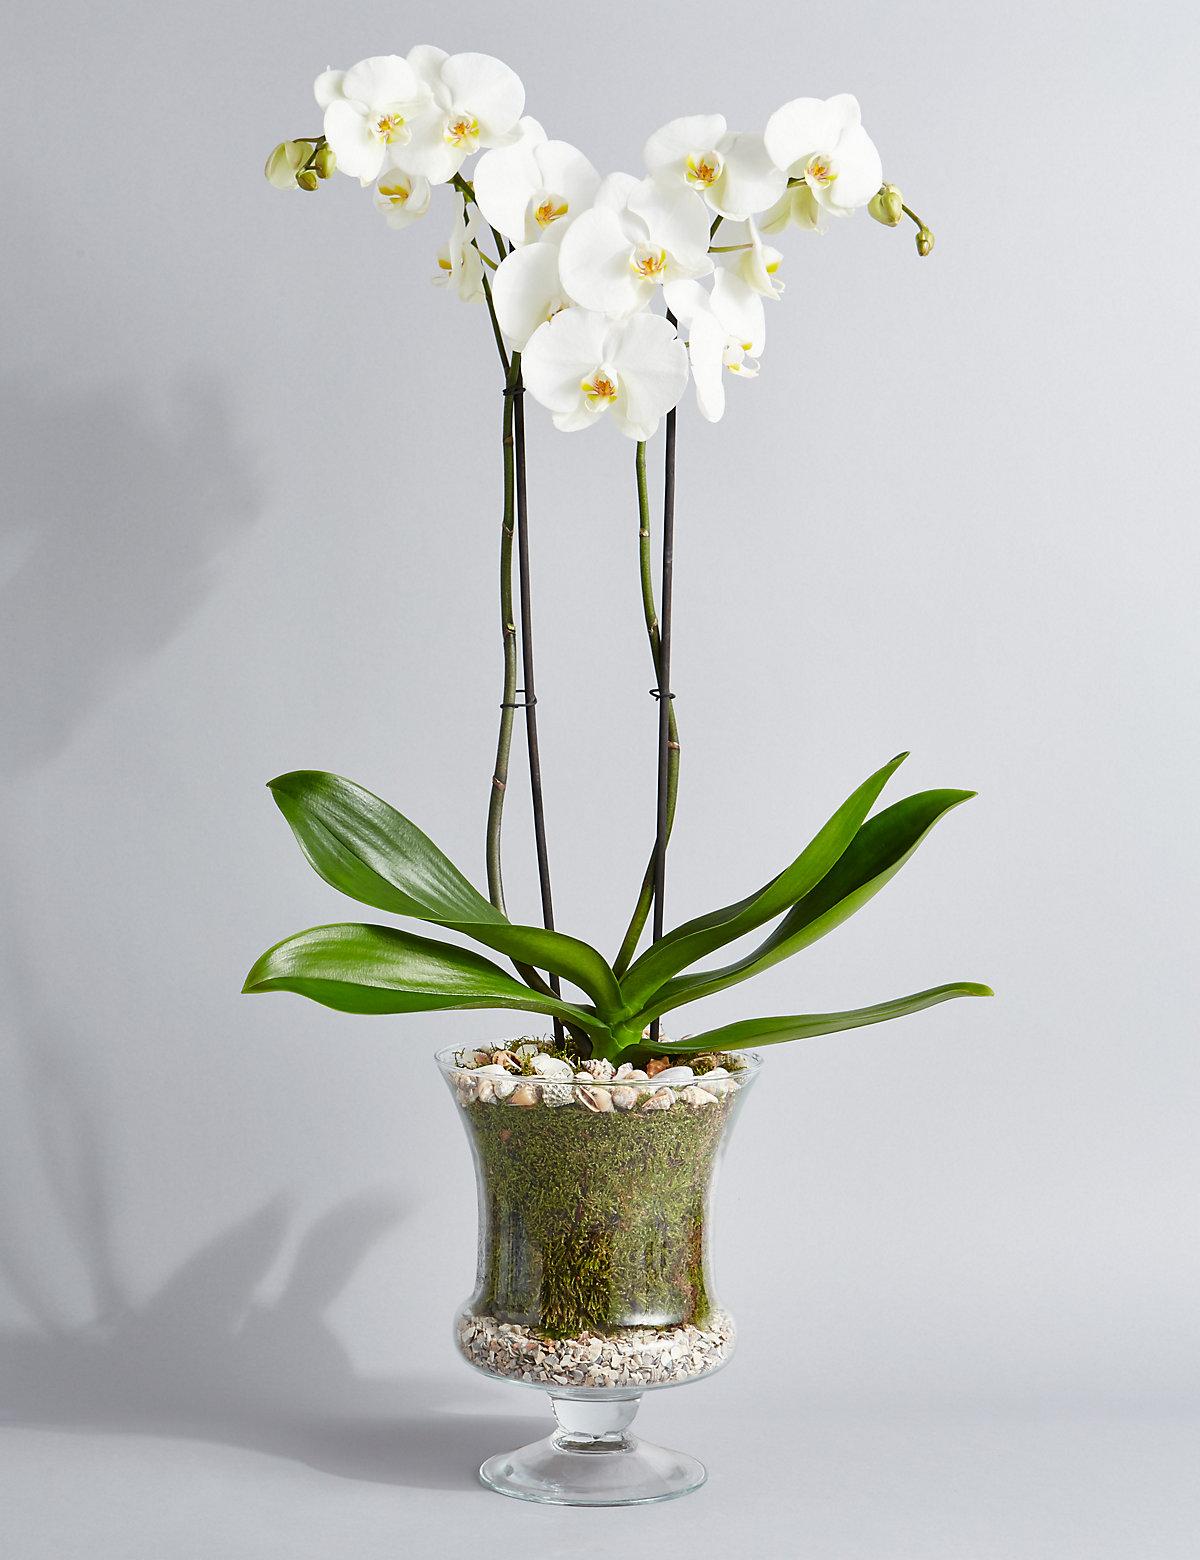 Autograph Grandiflora Orchid